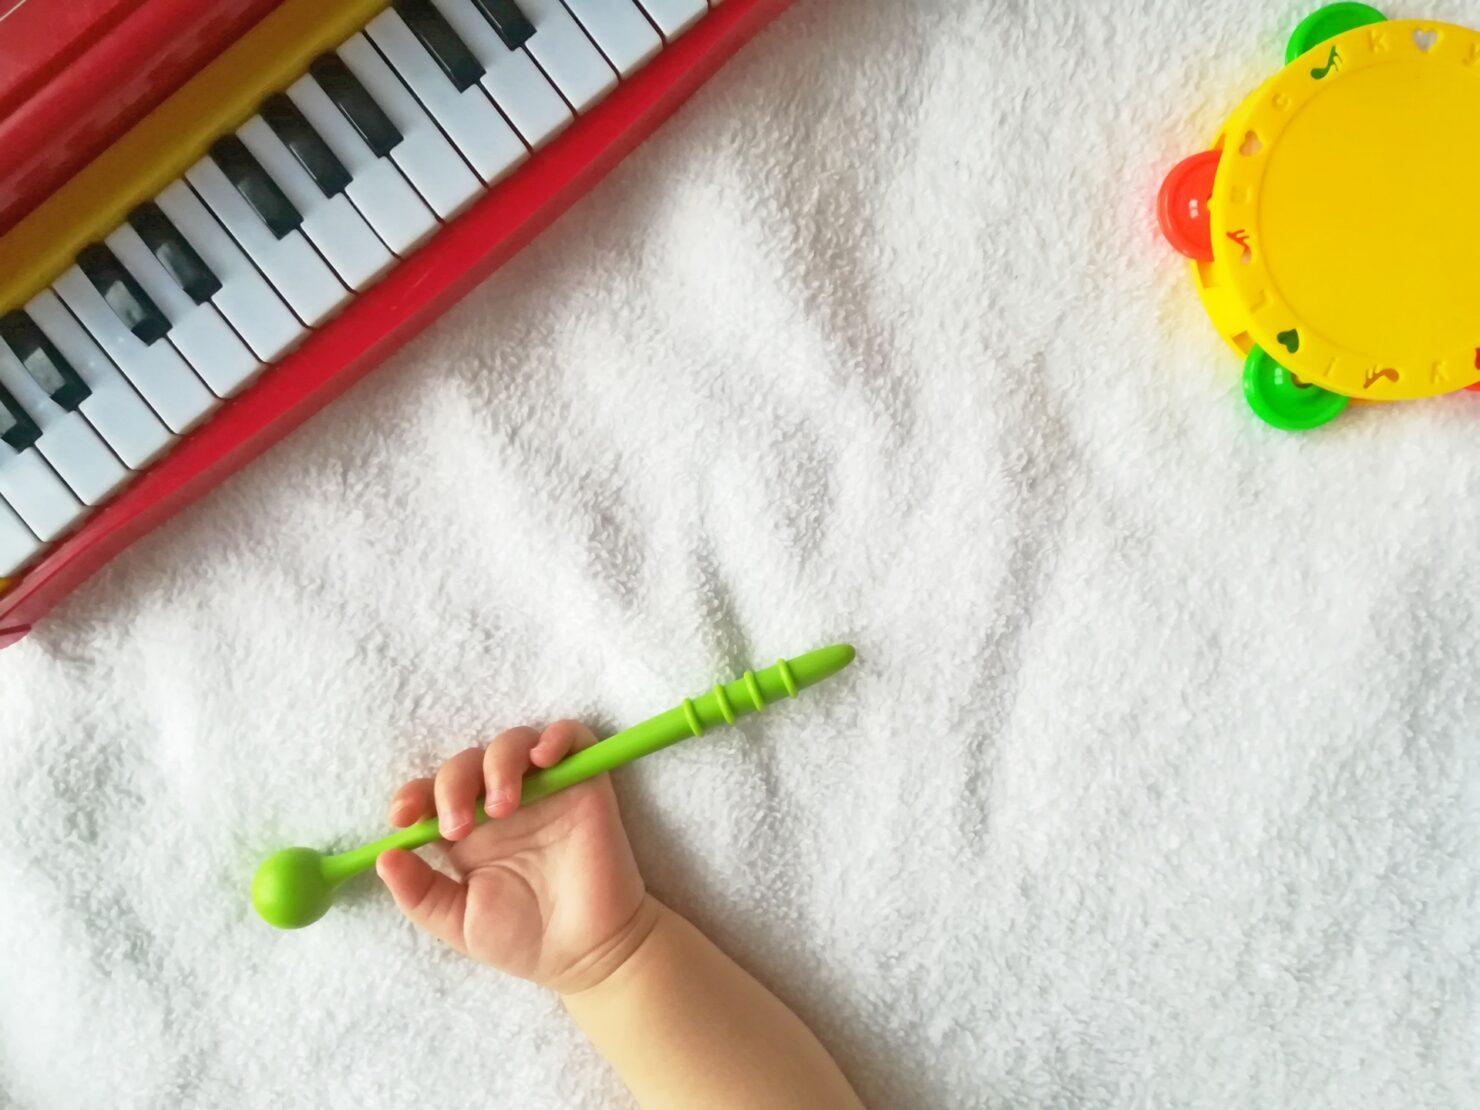 おすすめ楽器おもちゃ10選 年齢別の選び方・手作り楽器アイディアも紹介